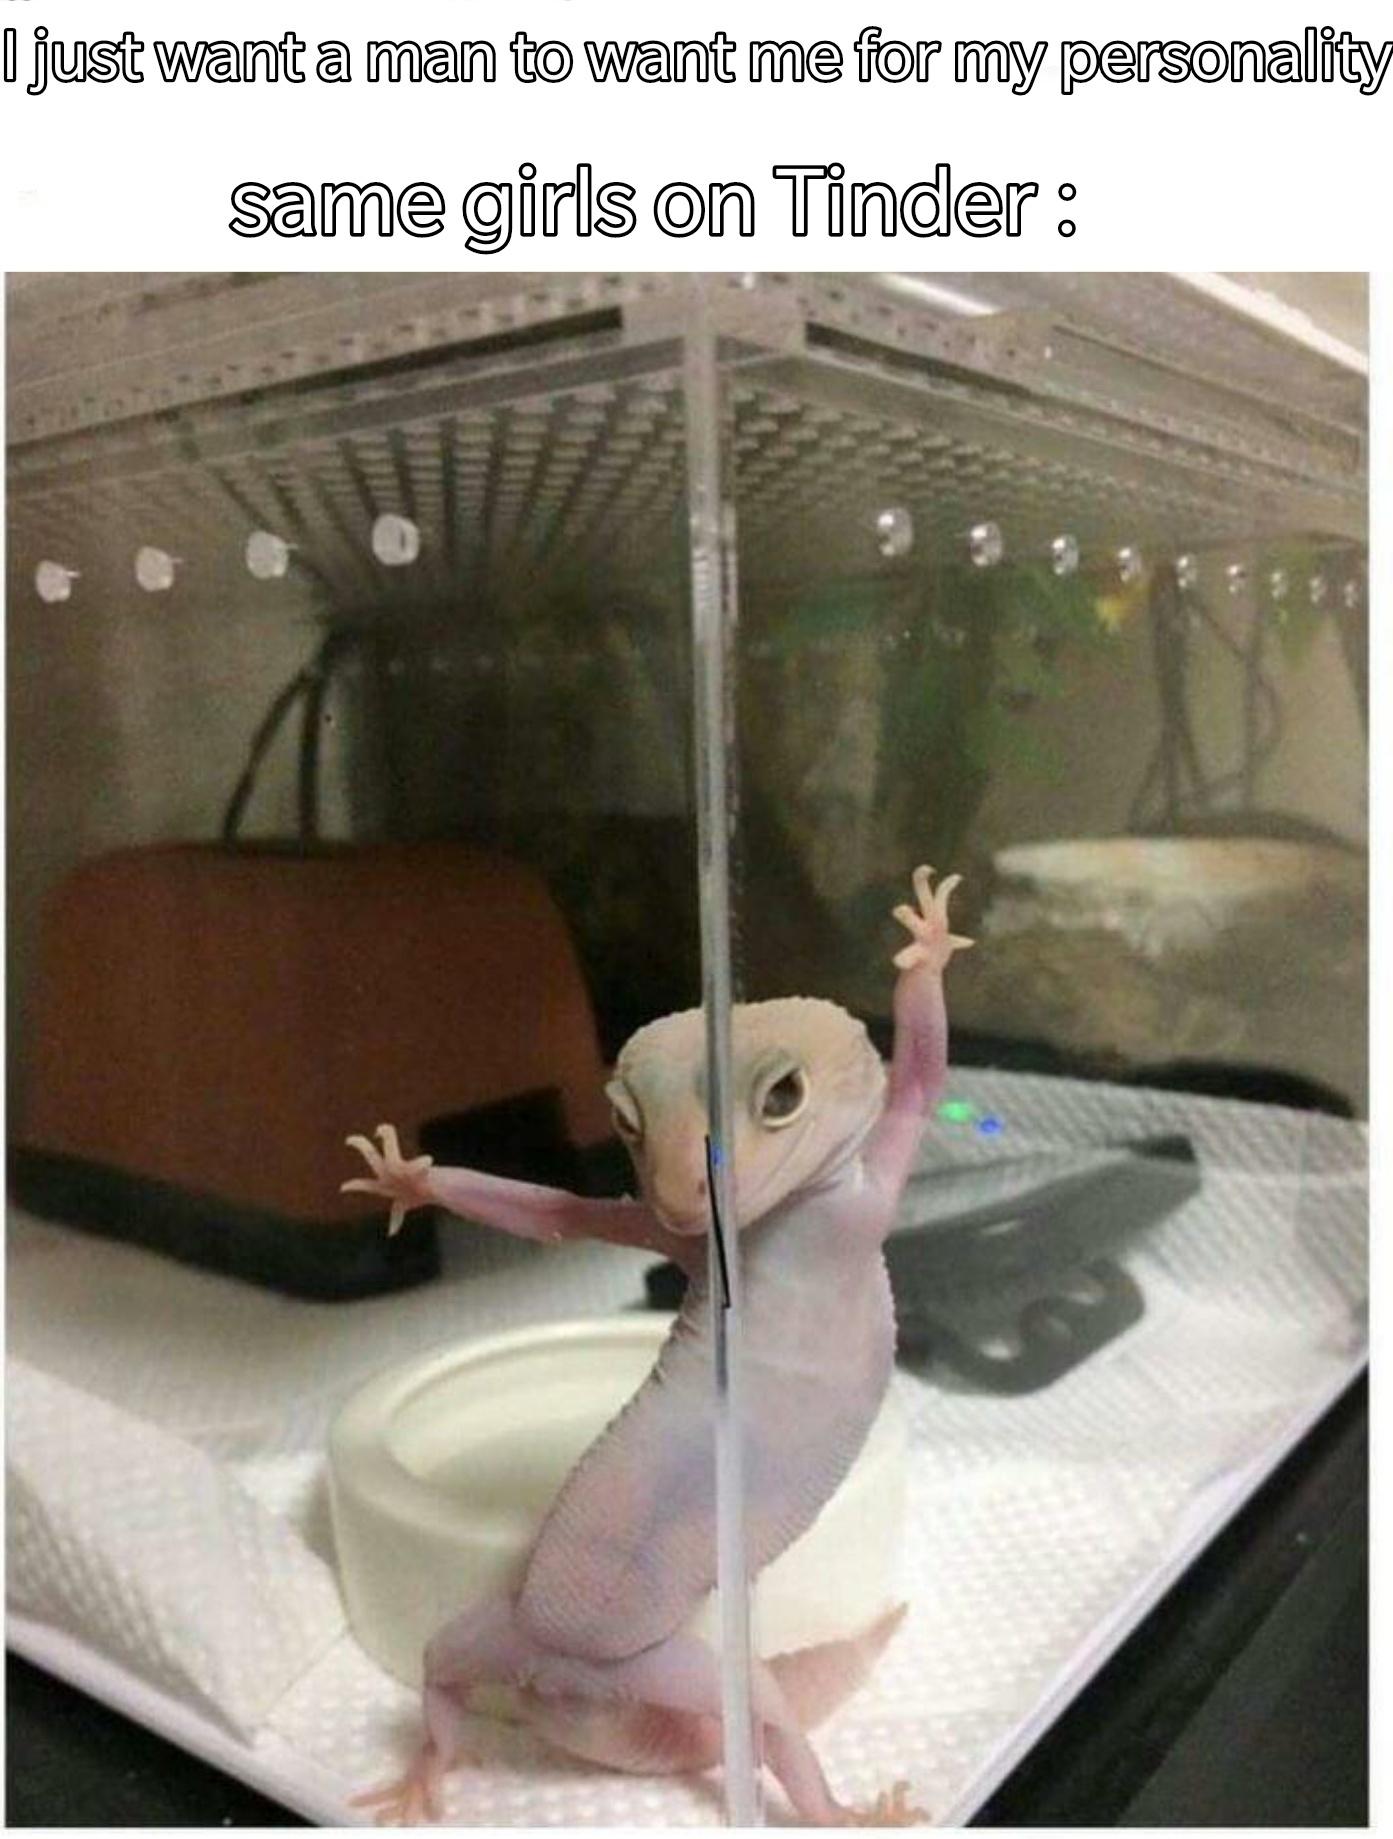 Fwb Meme : Hookups!, Don't, Perverts!, Memes